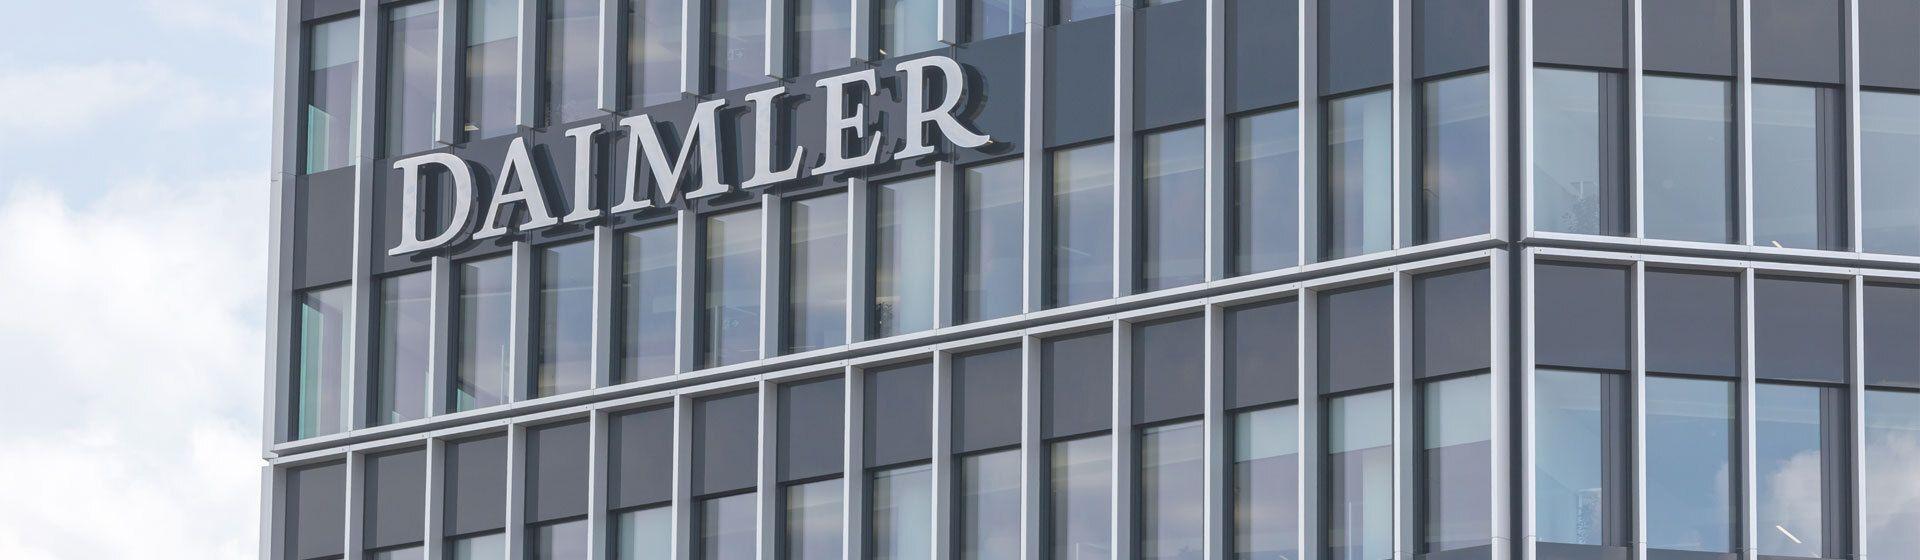 Abgasskandal bei Daimler